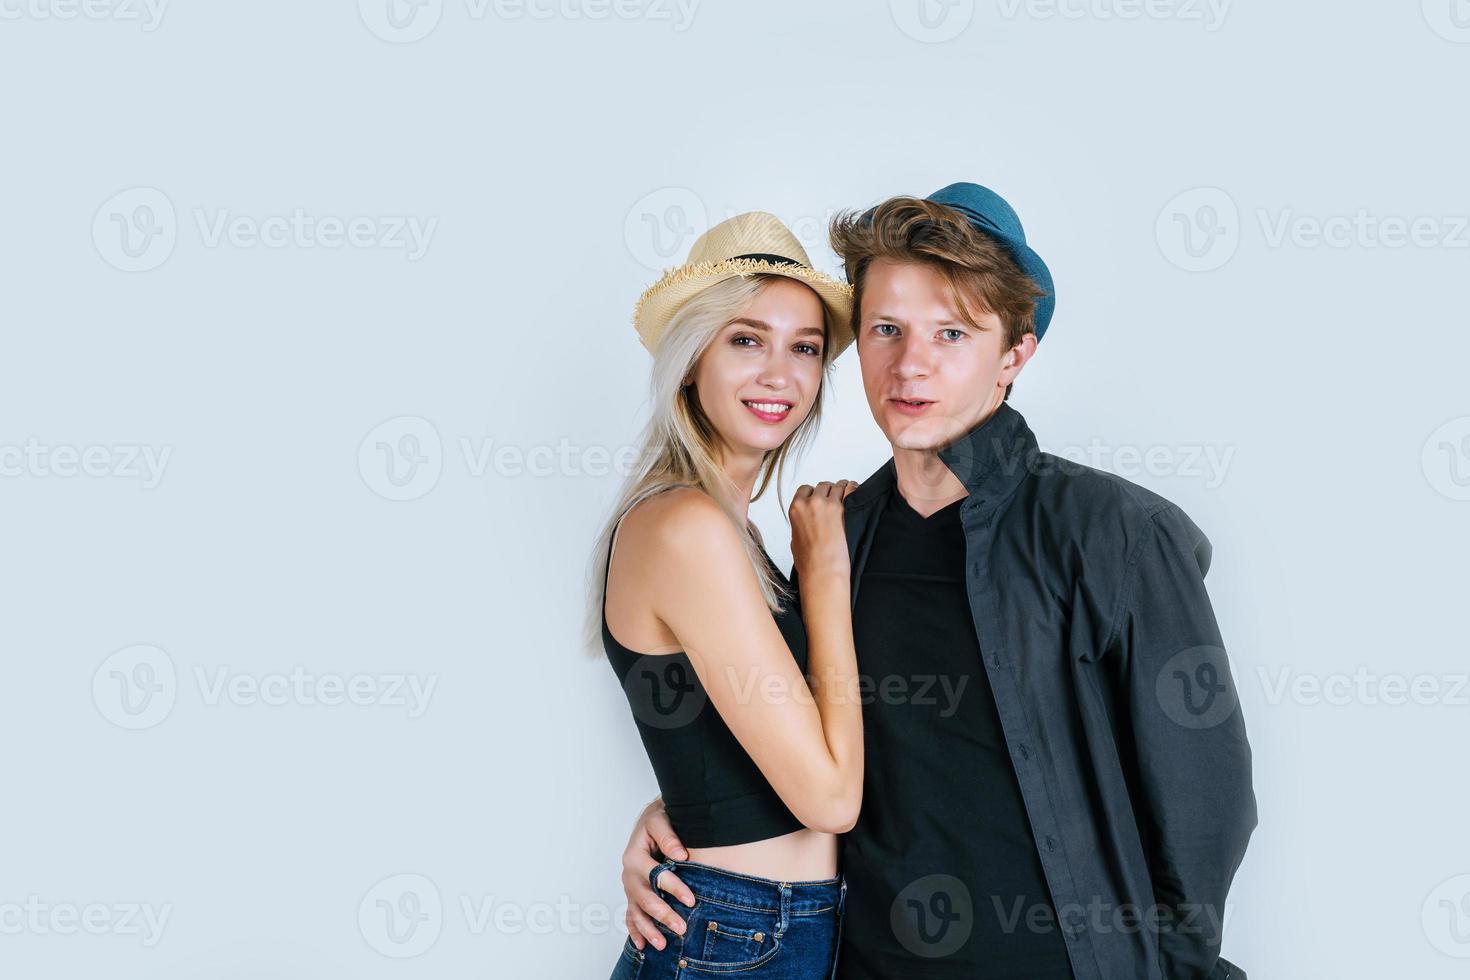 coppia di moda essere divertente insieme foto